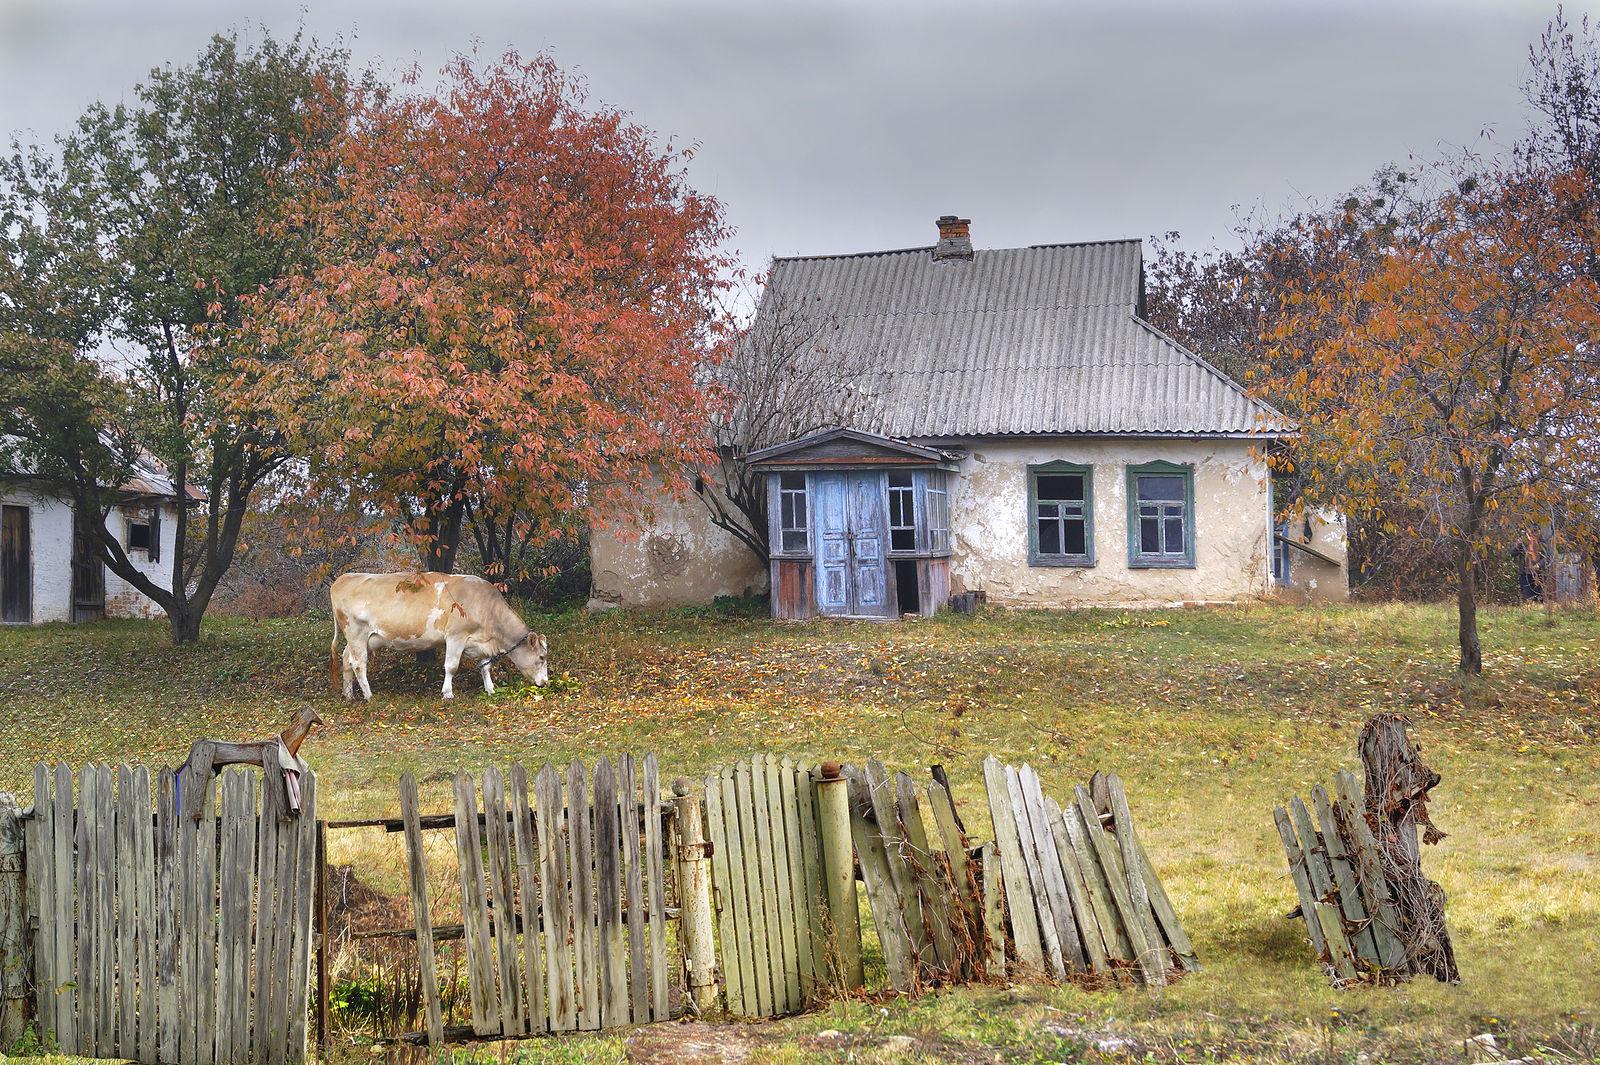 фотографии деревенской осени голой корень солодки